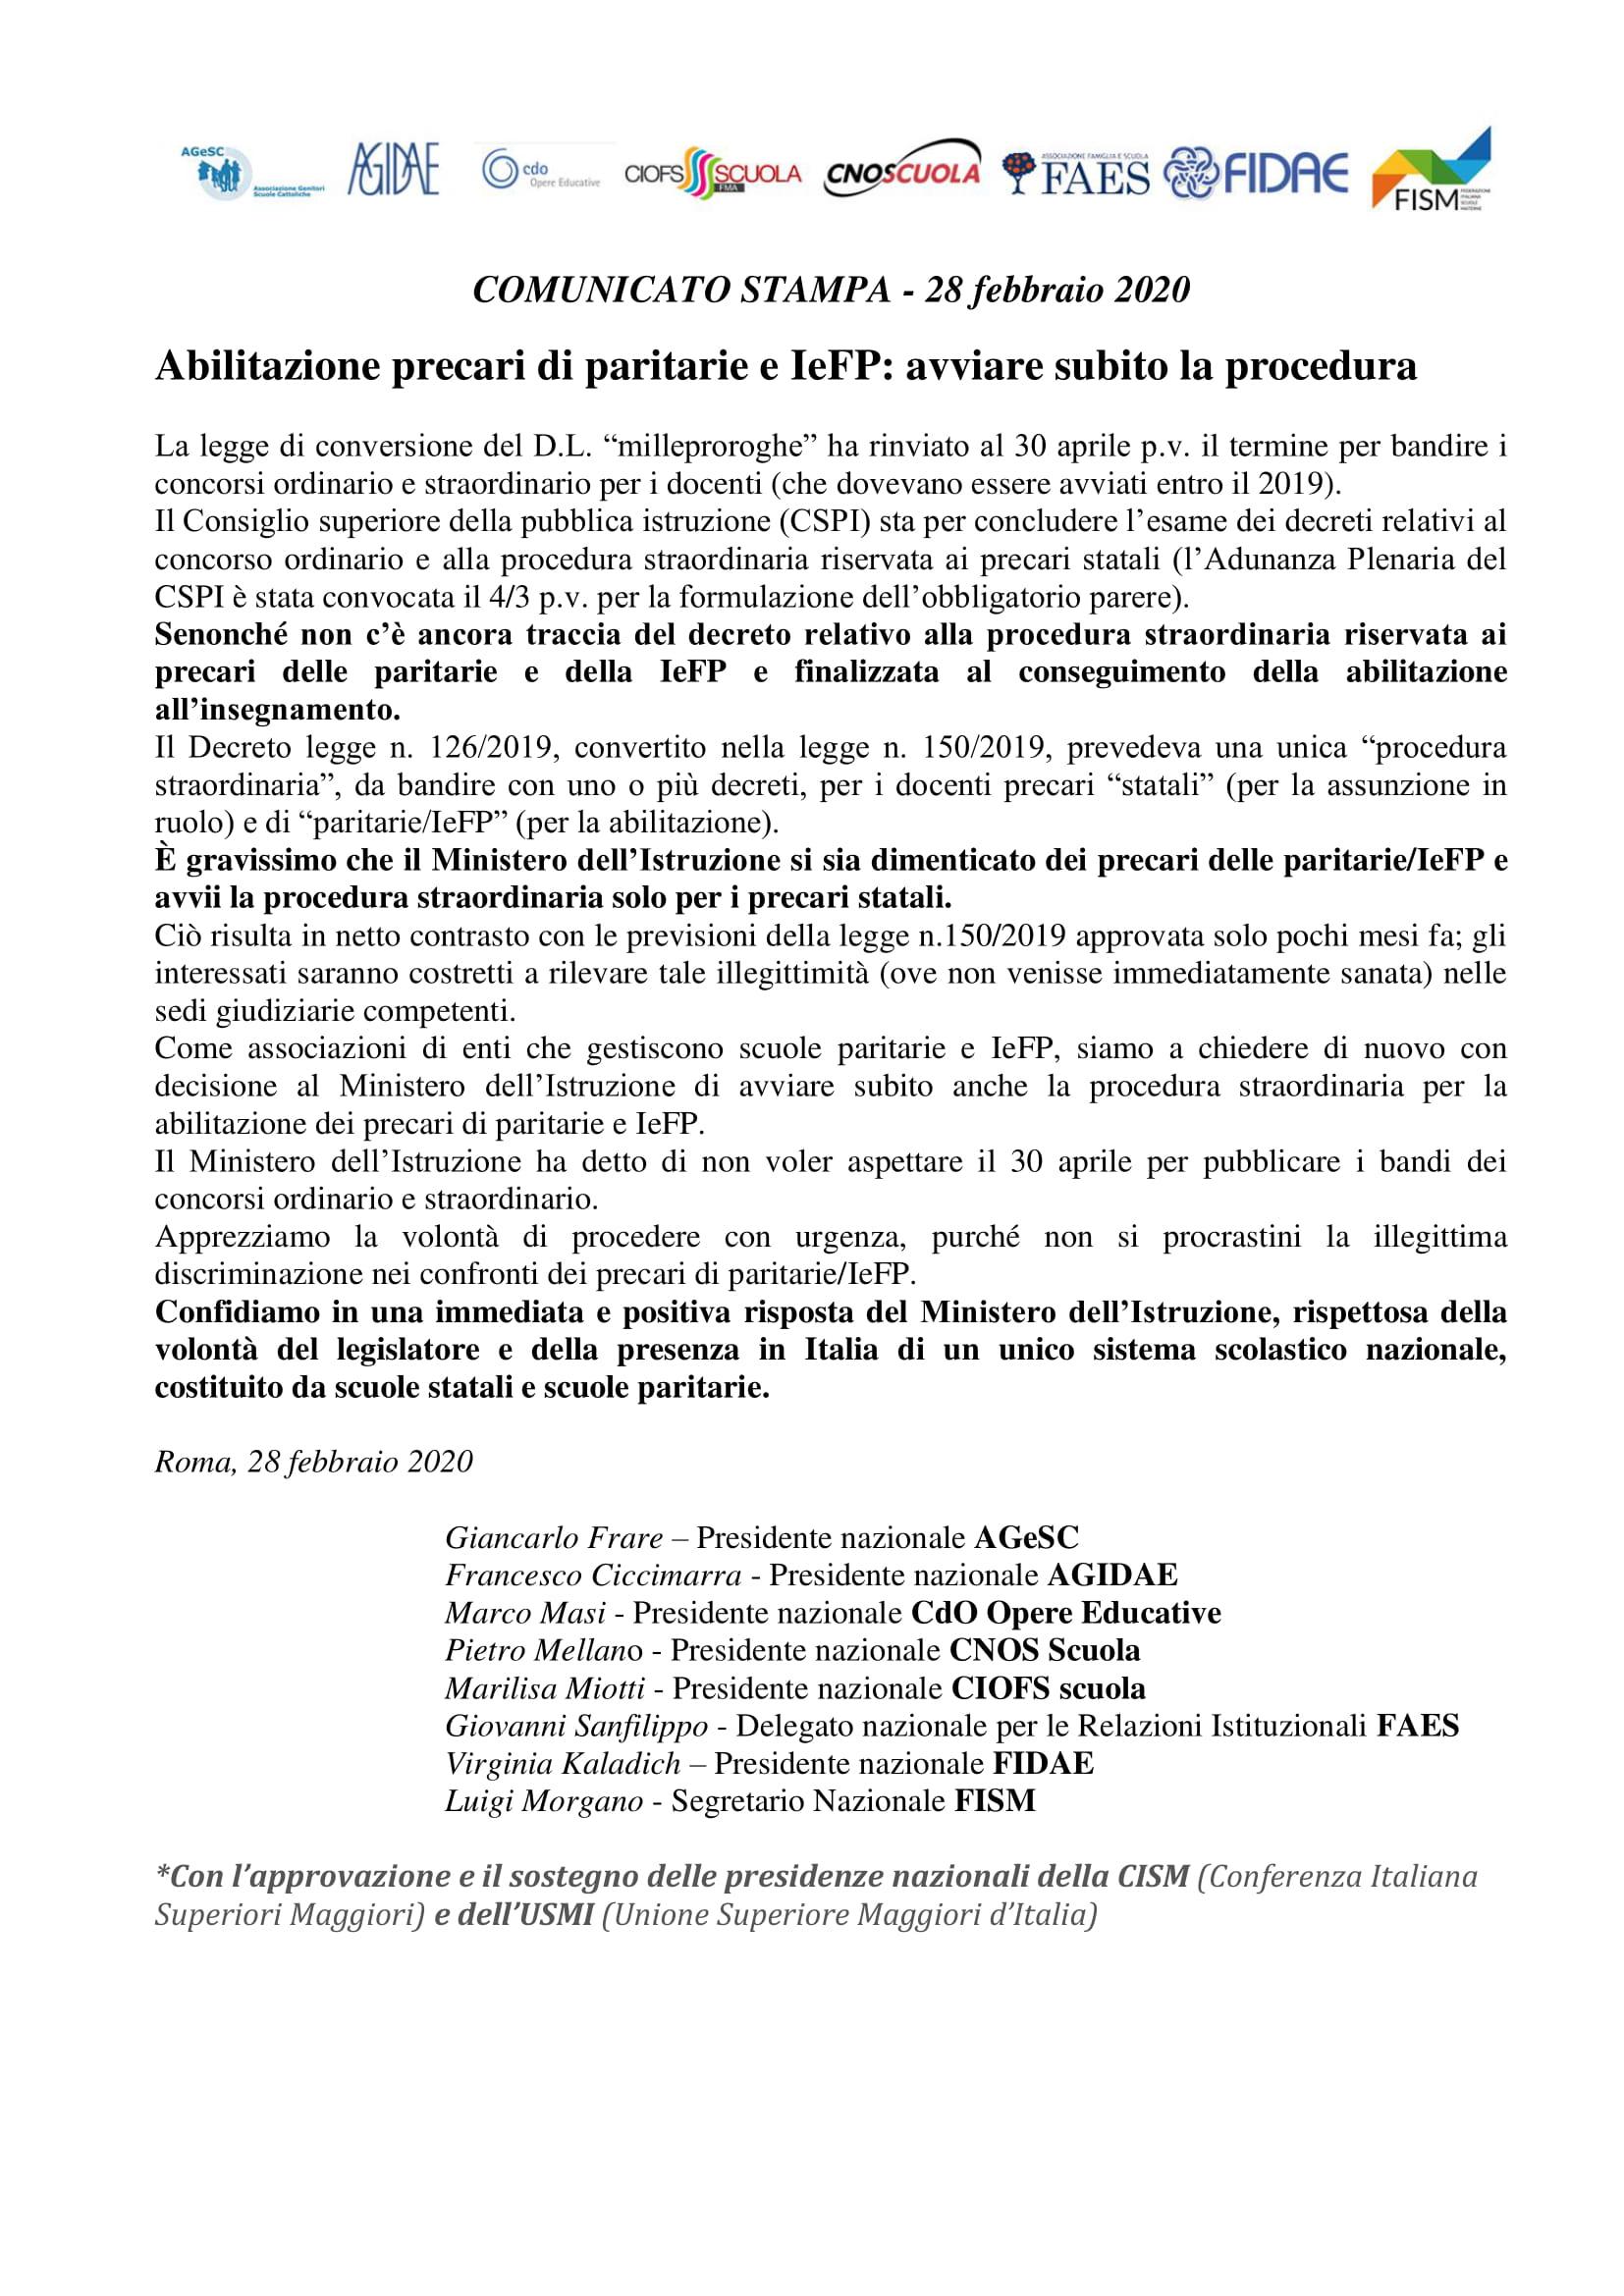 28/02/2020 – Abilitazione precari di paritarie e IeFP: avviare subito la procedura